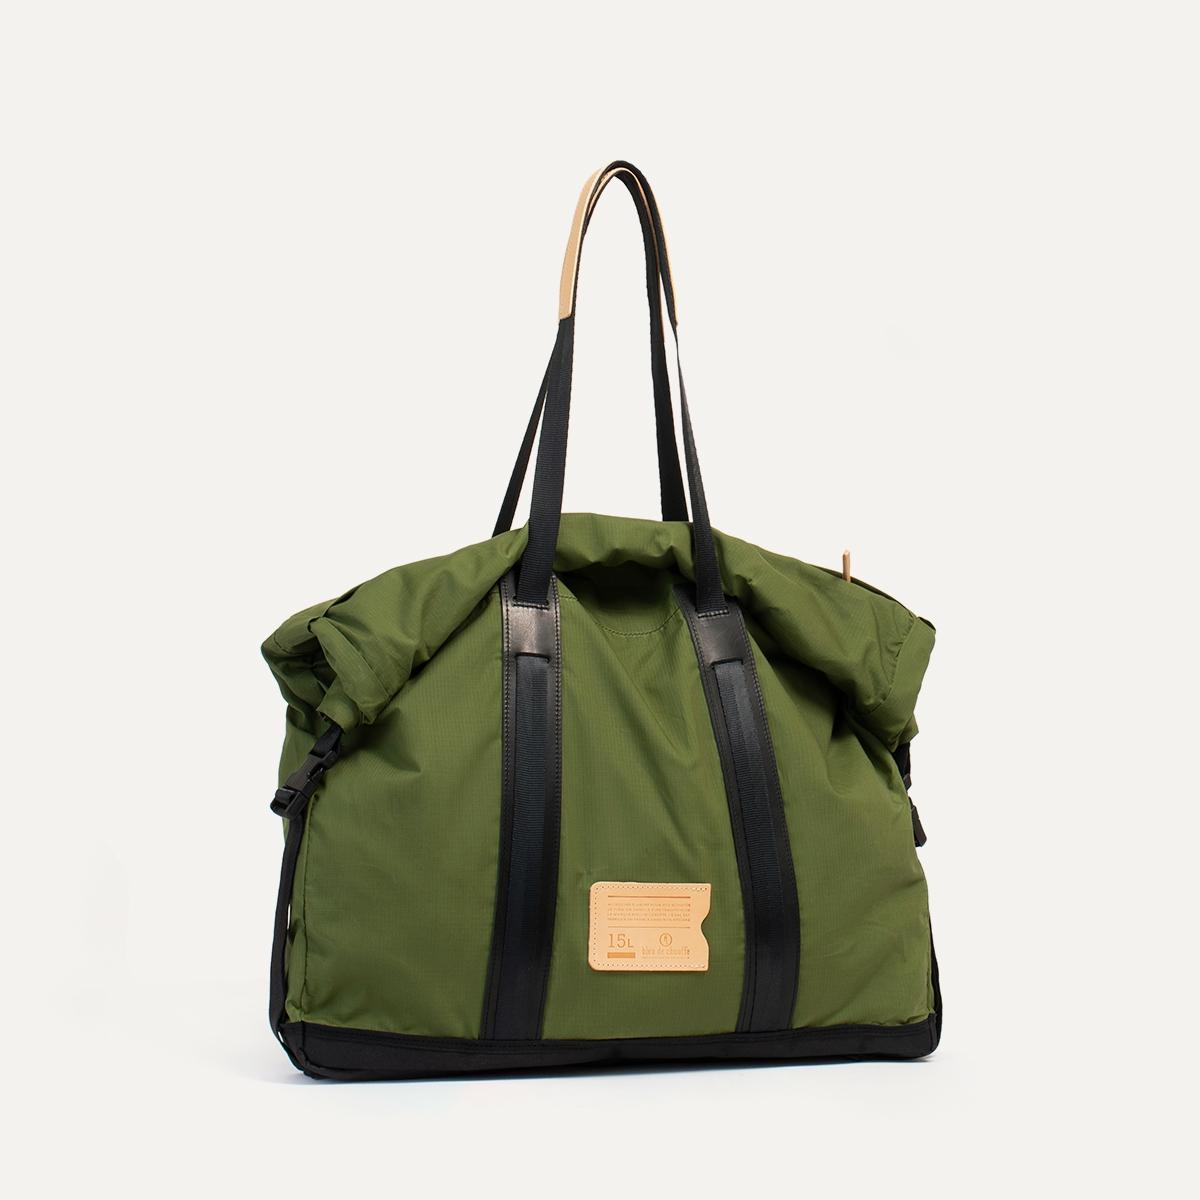 15L Barda Tote bag - Bancha Green (image n°2)